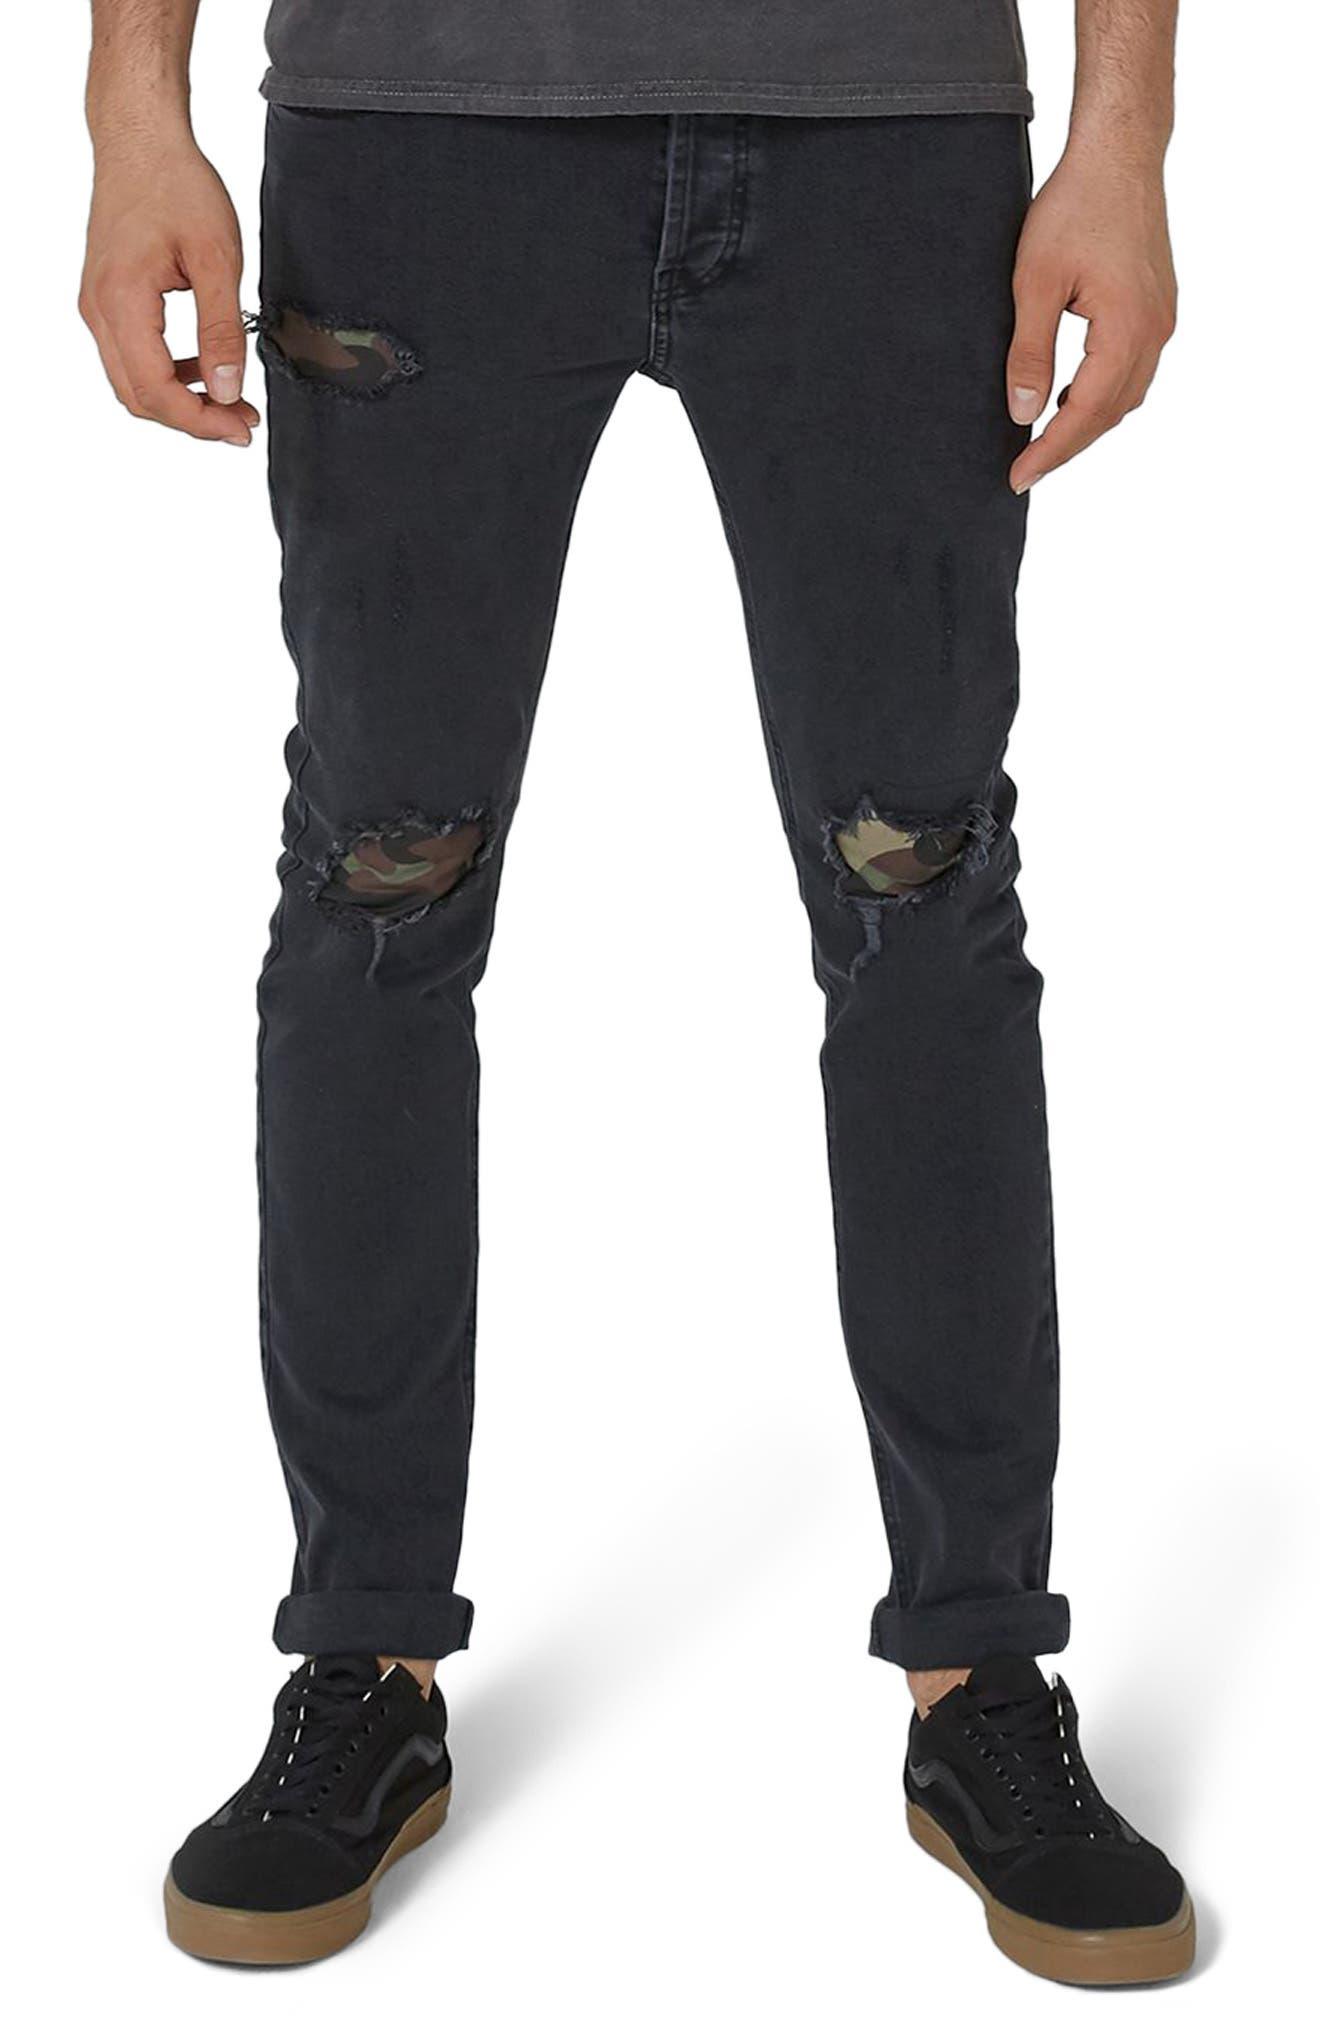 Topman Camo Patch Skinny Jeans